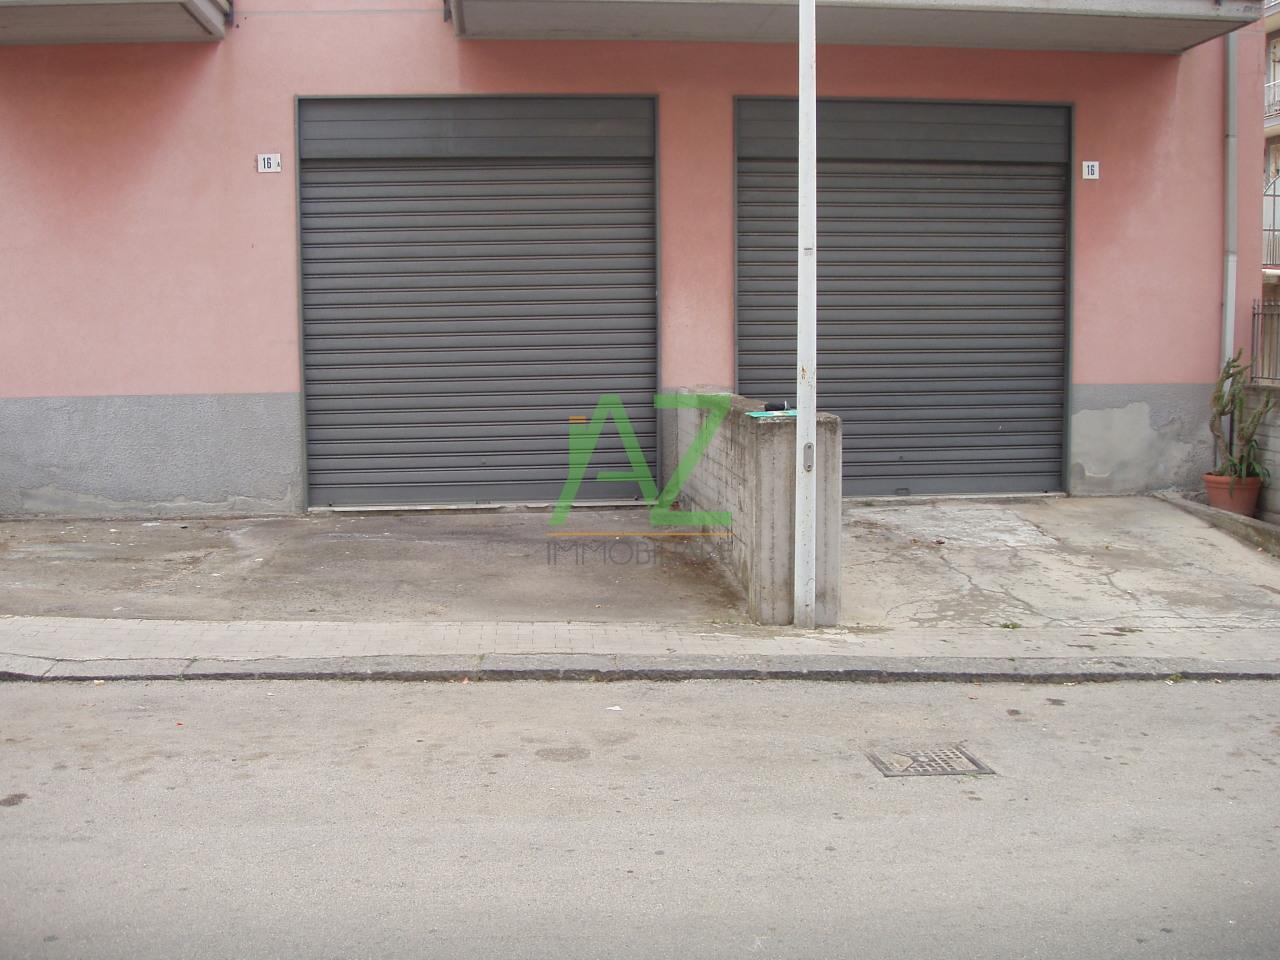 Negozio / Locale in affitto a Misterbianco, 9999 locali, prezzo € 700 | Cambio Casa.it